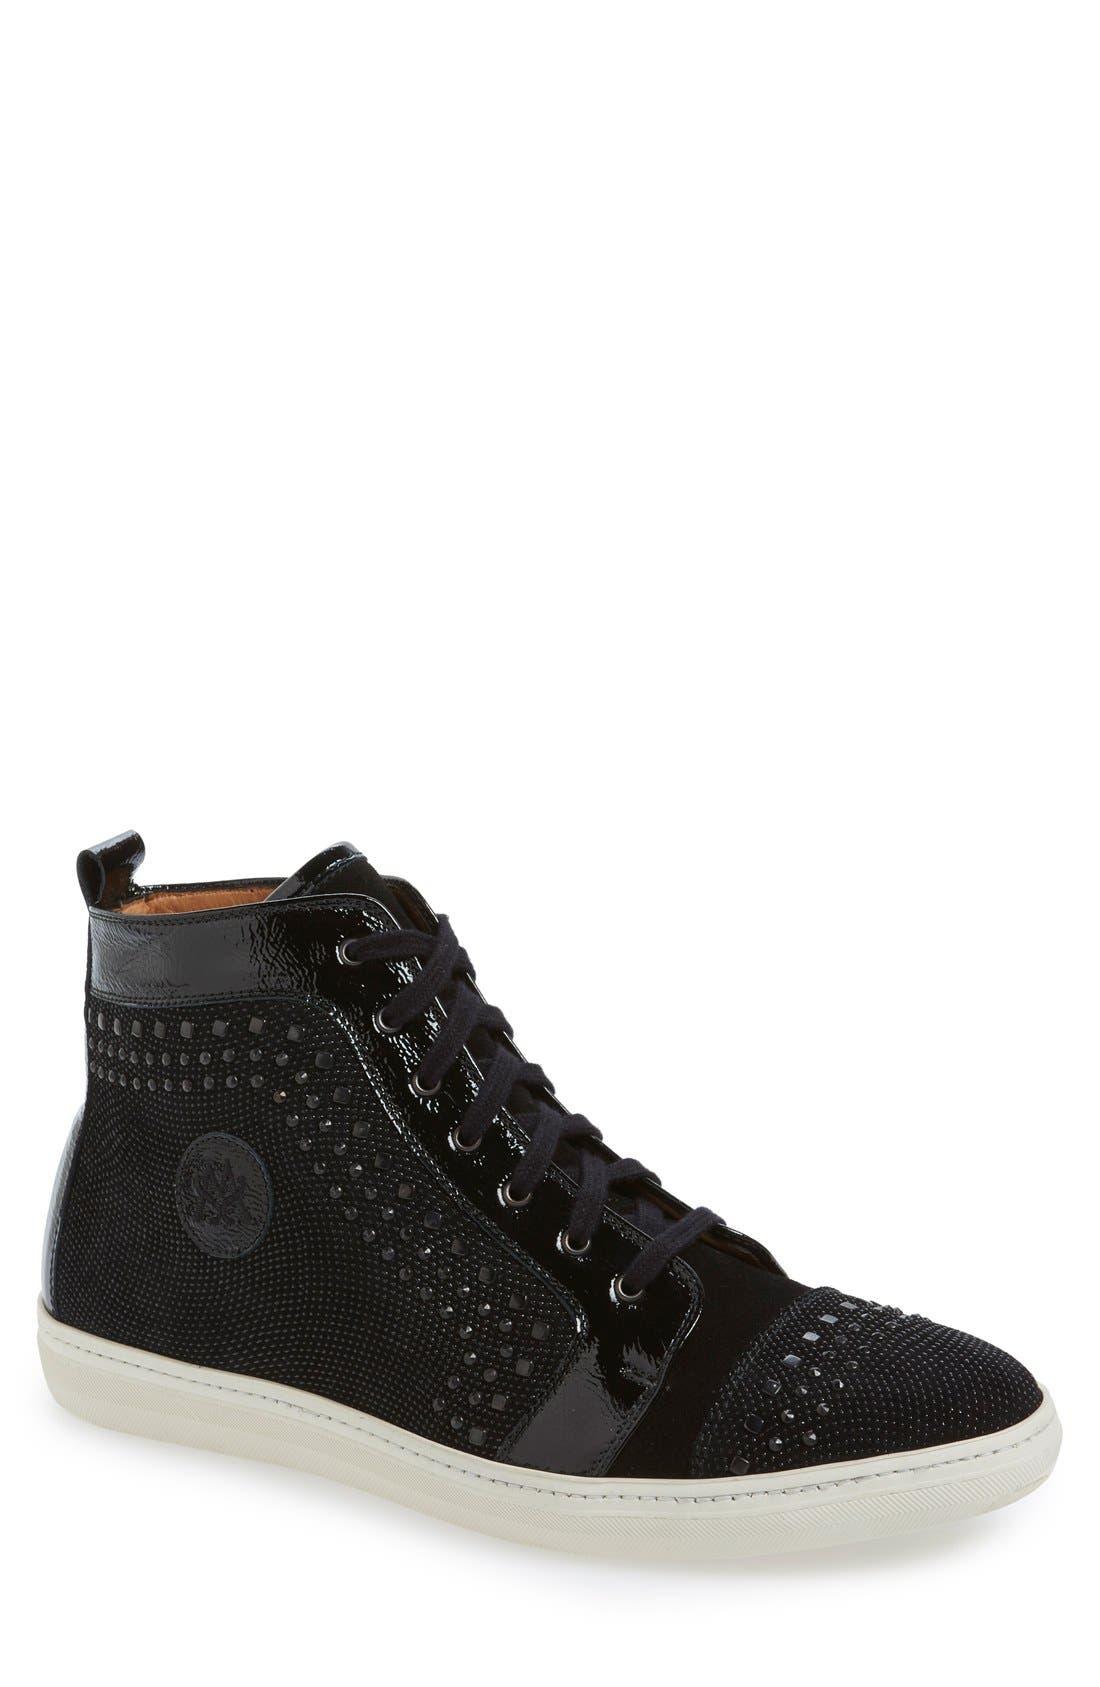 Mezlan 'Cabrillo' High Top Sneaker (Men)